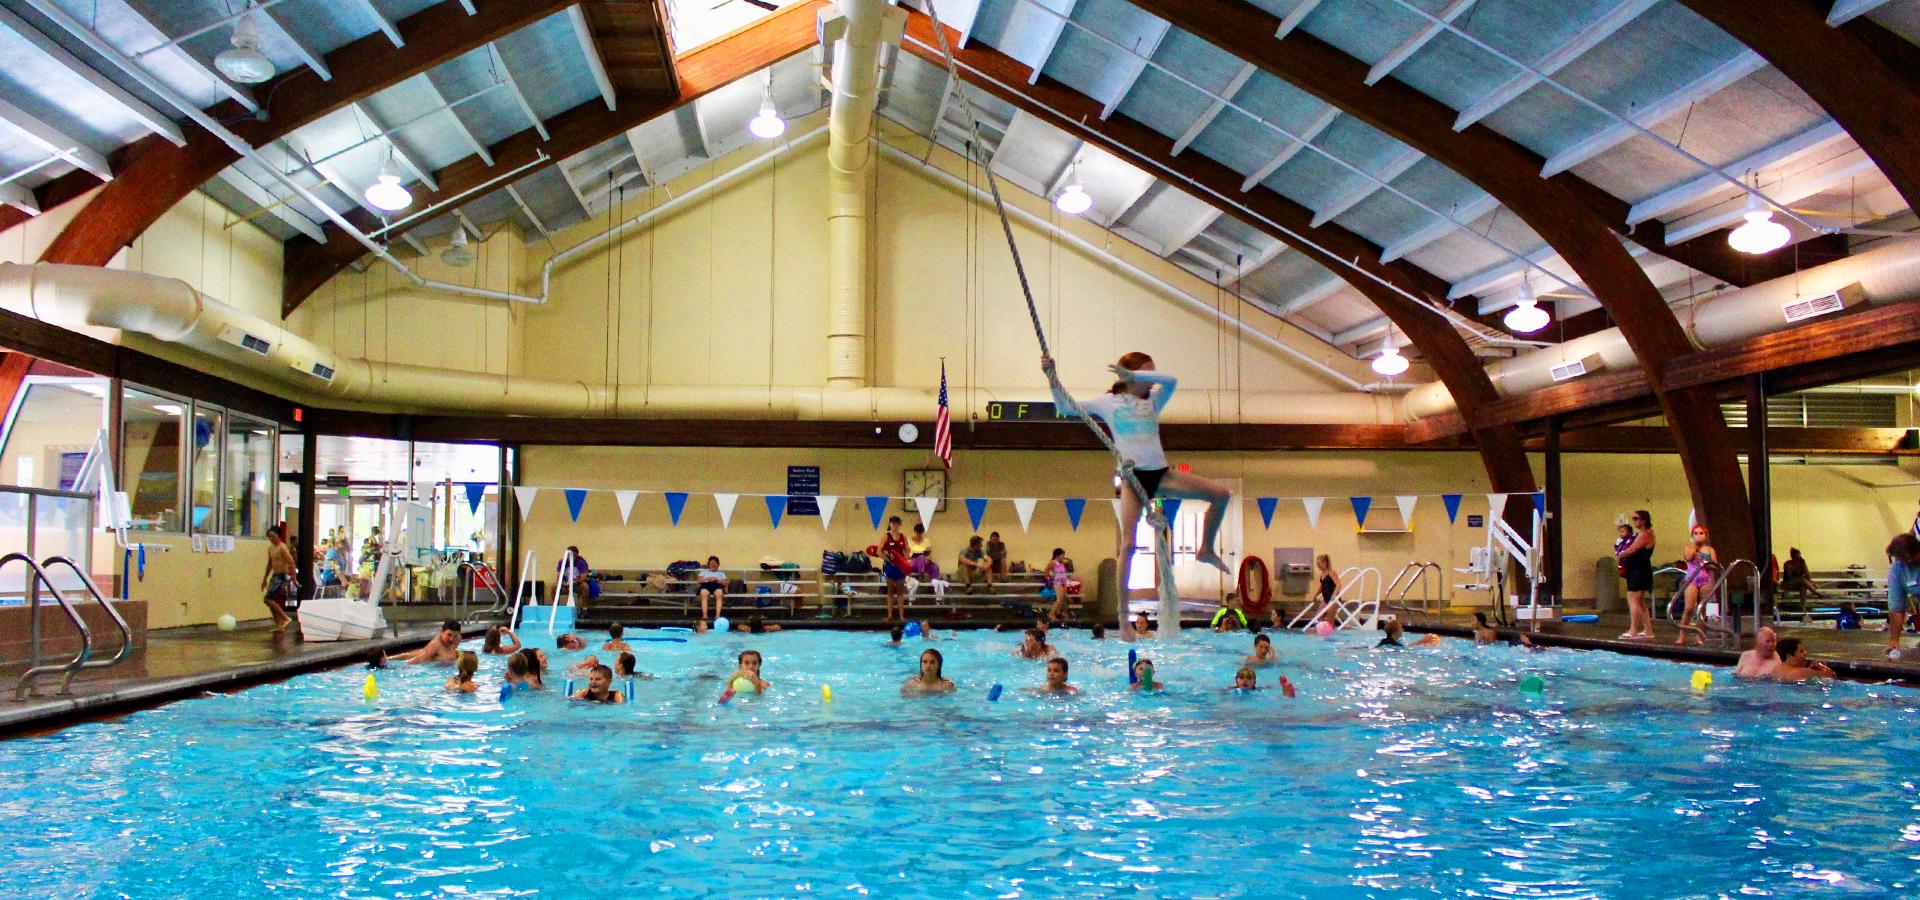 juniper swim and fitness center blog dandk ForJuniper Swim And Fitness Pool Schedule